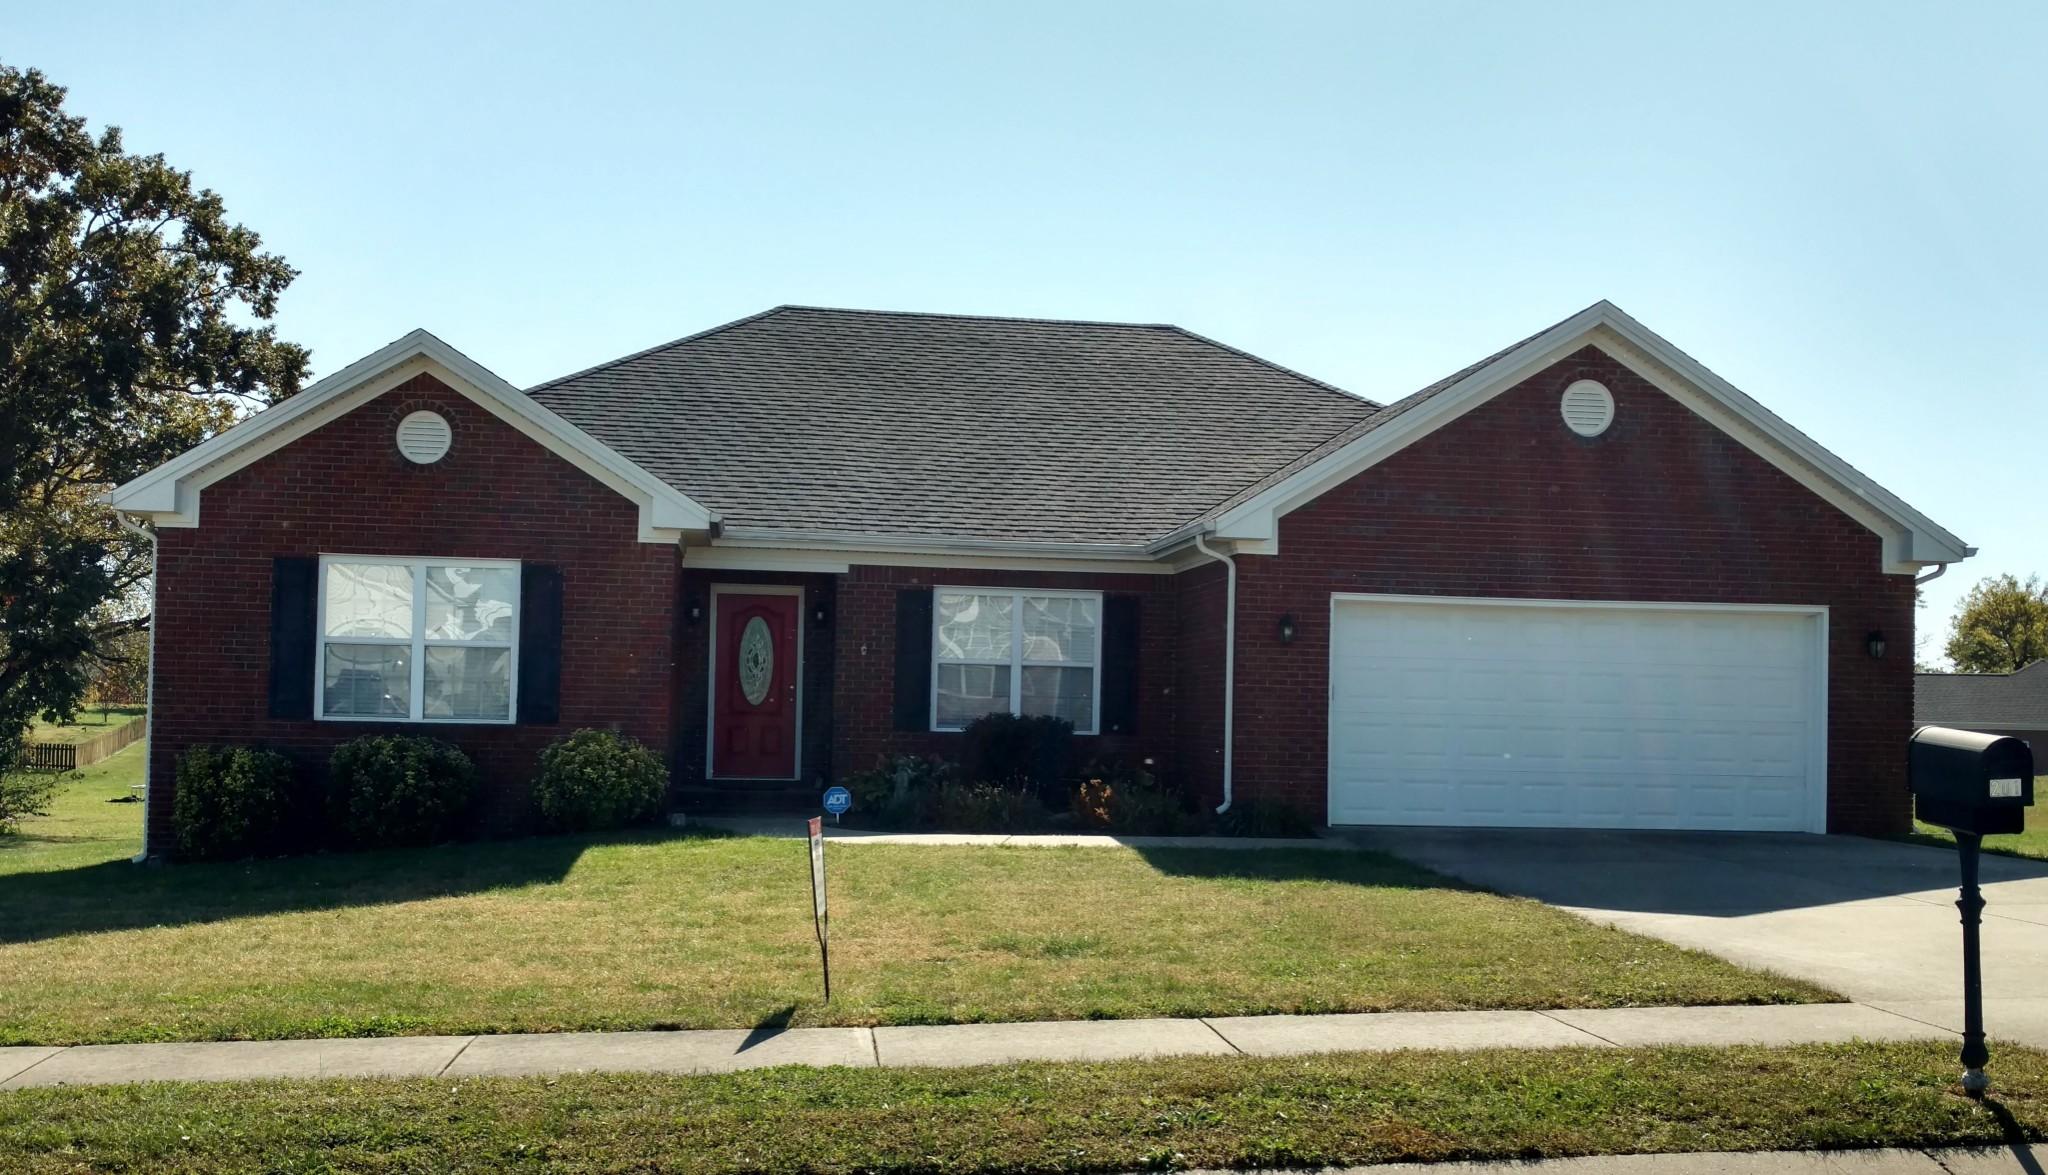 201 Westminster Pl, Hopkinsville, KY 42240 - Hopkinsville, KY real estate listing